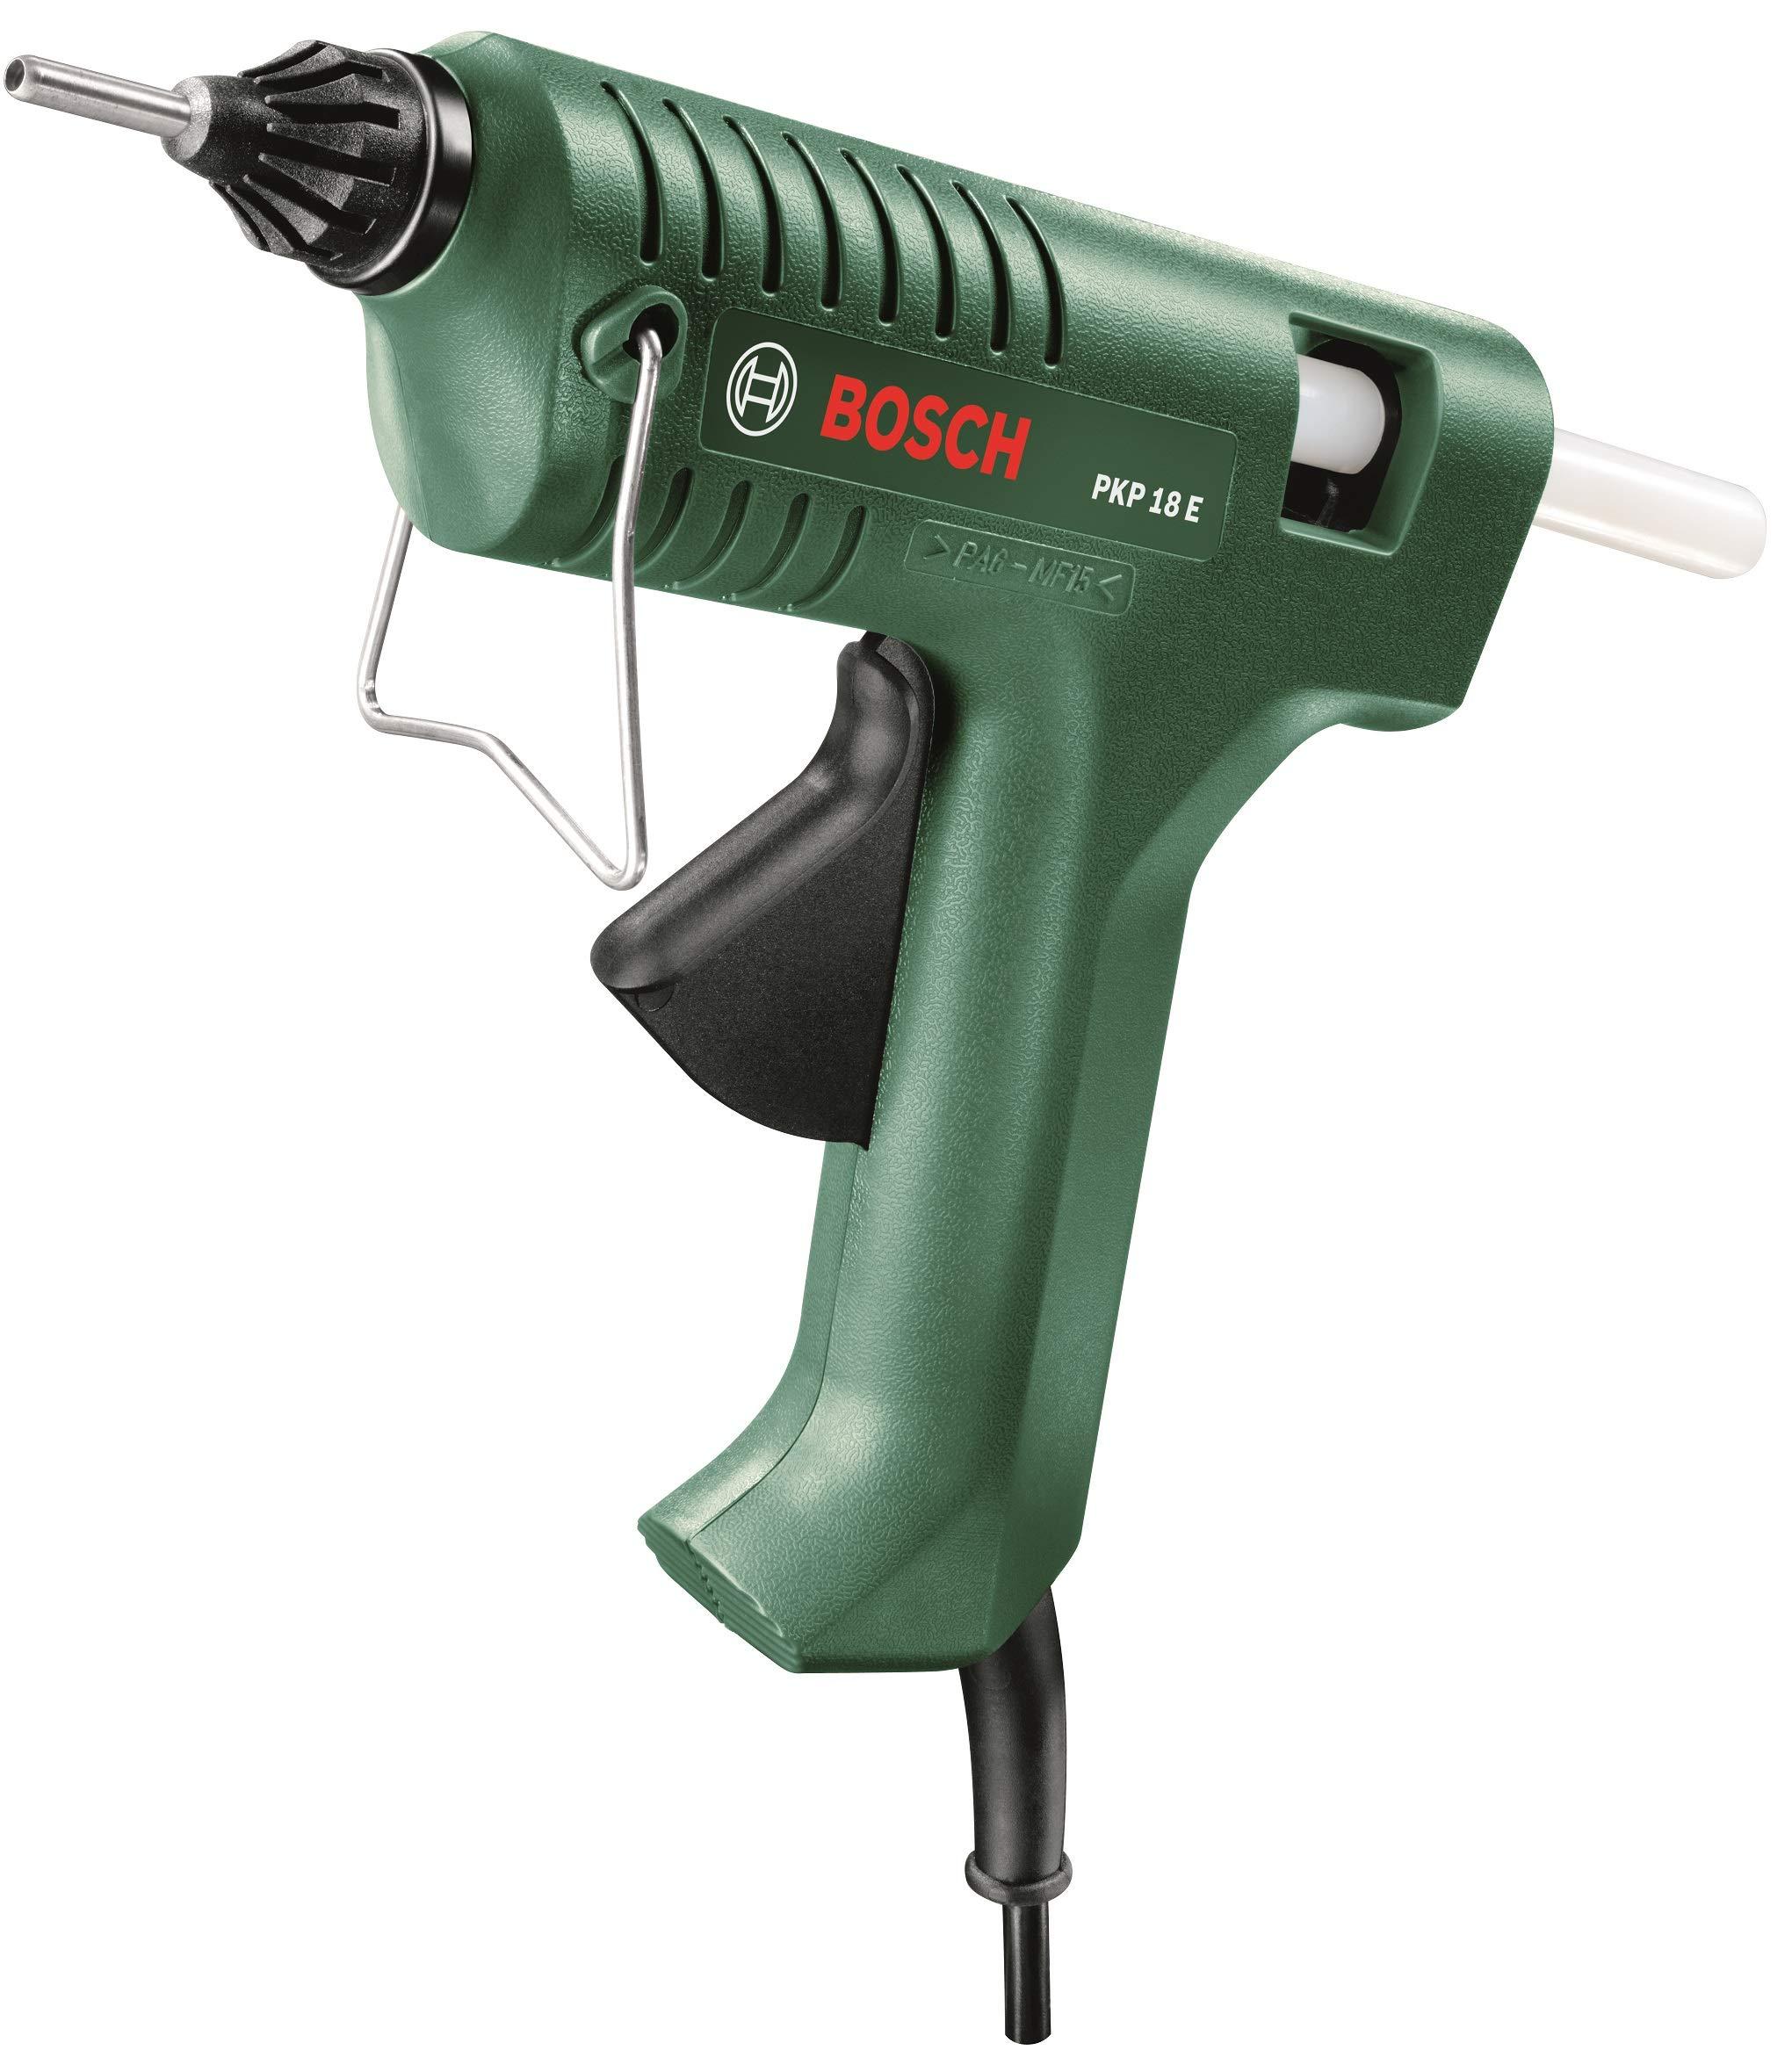 Bosch 0603264503 Pkp 18-E Pistola Incollatrice, 200 W, Nero/Verde product image